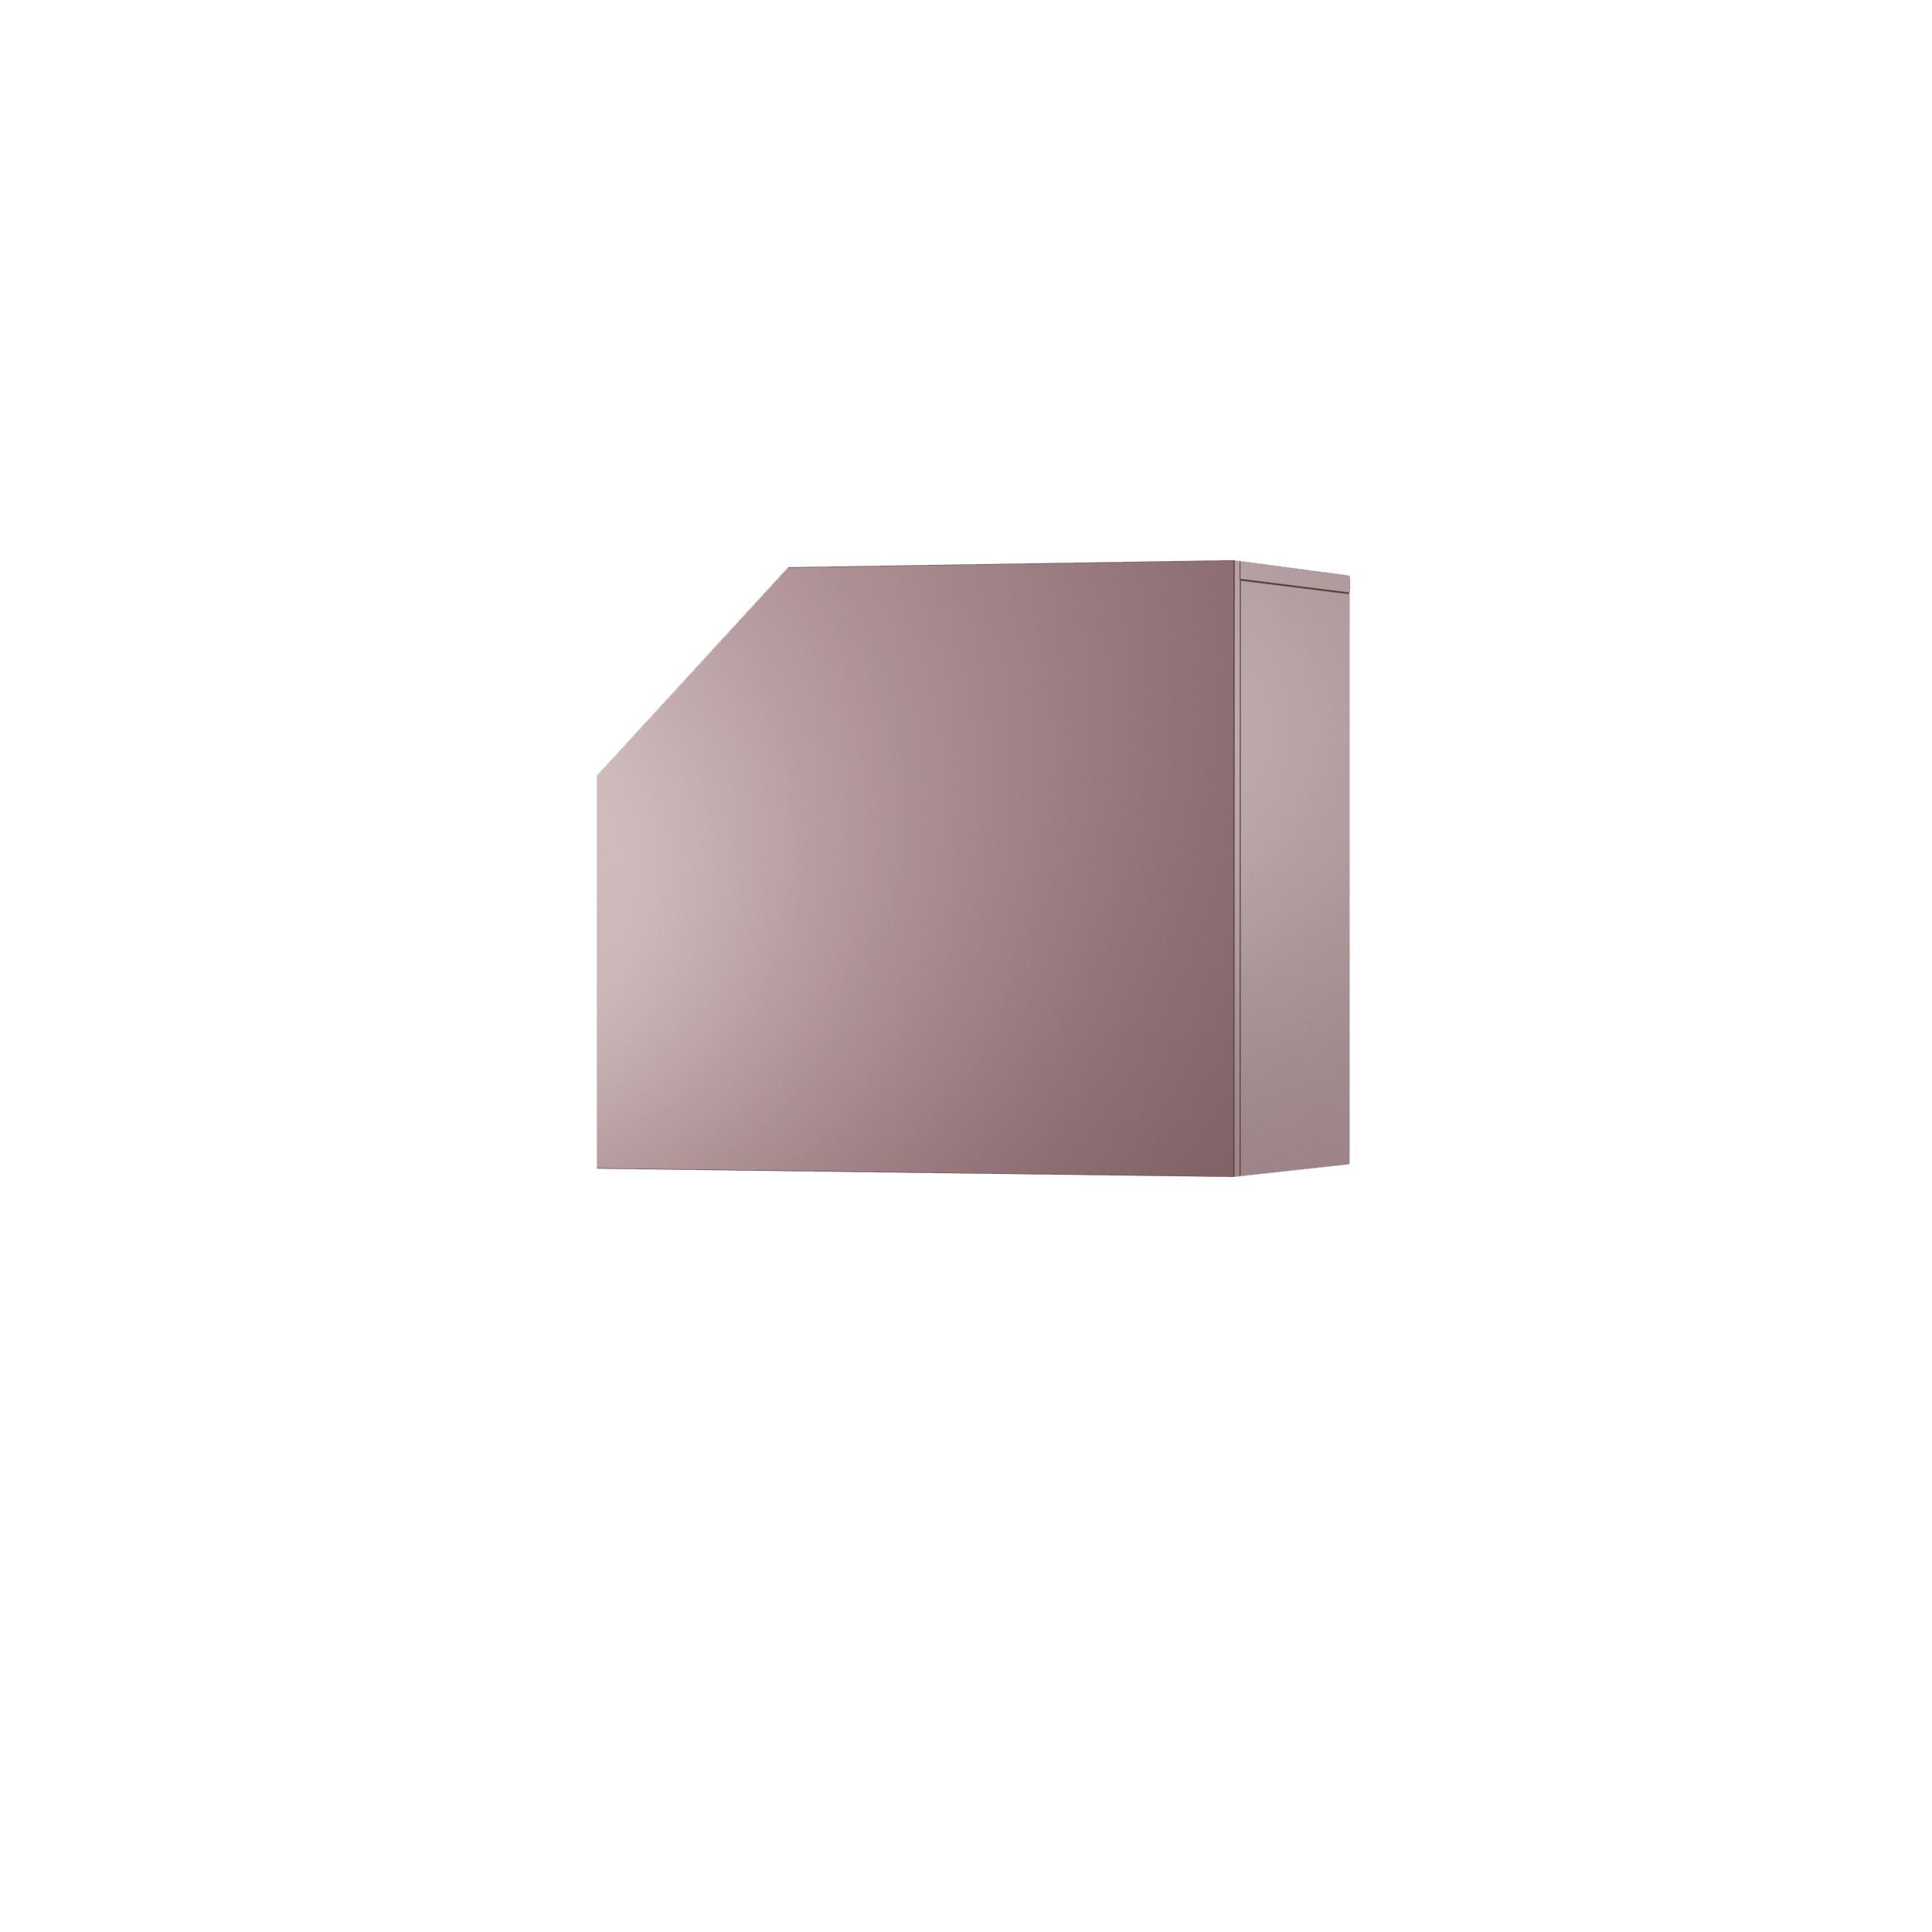 Dulap modular Nook Left Violet, L65xl37xh58 cm